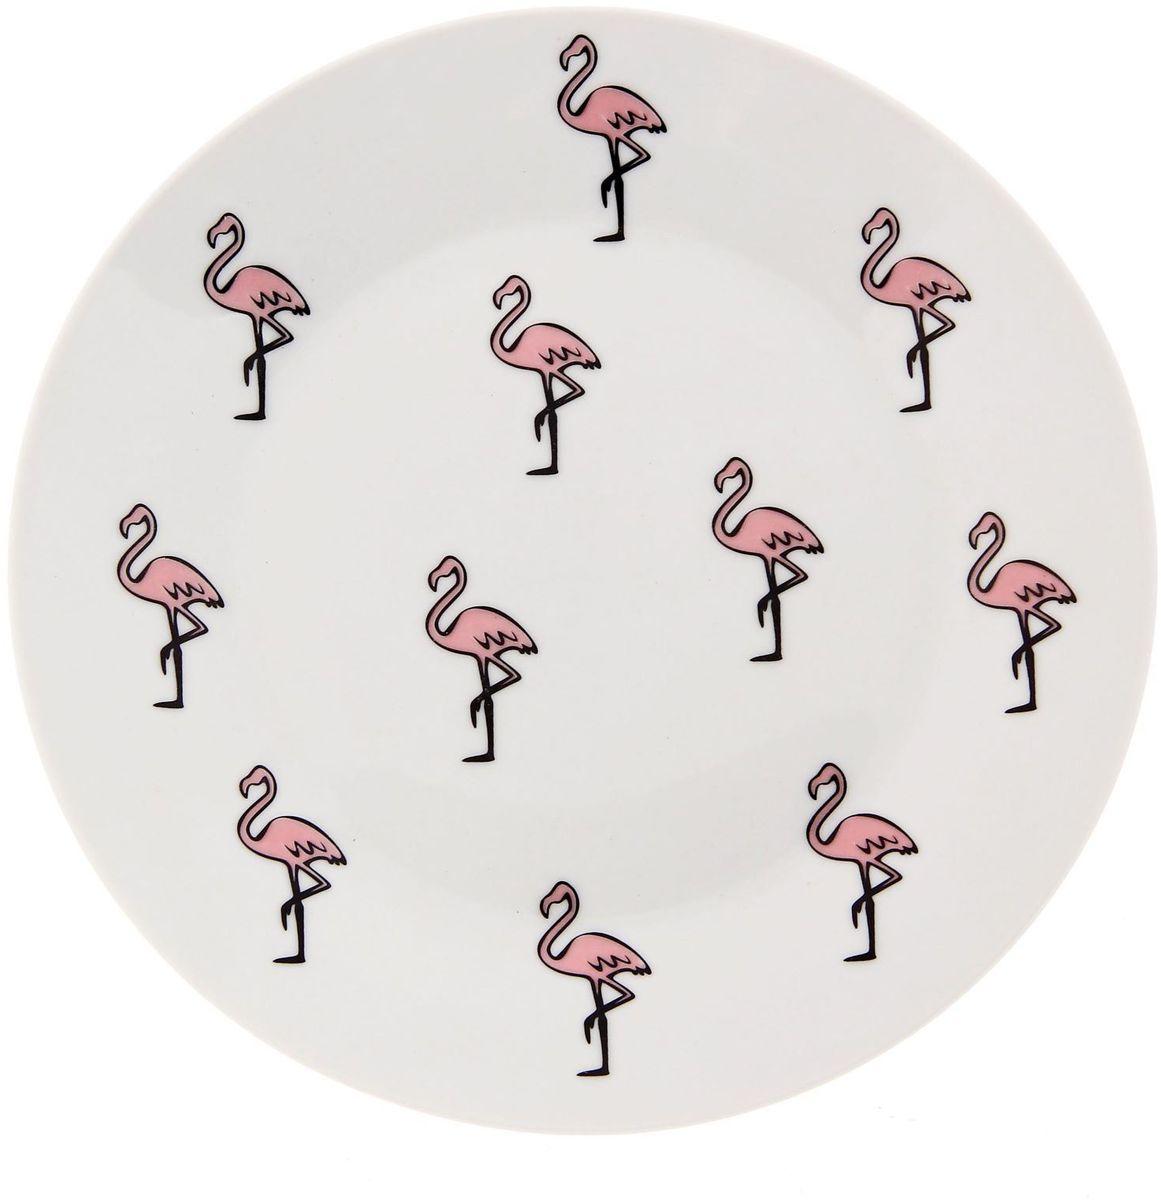 Тарелка мелкая Сотвори чудо Розовый фламинго, диаметр 20 см2277878Хотите обновить интерьер кухни или гостиной? Устраиваете необычную фотосессию или тематический праздник? А может, просто ищете подарок для близкого человека? Посуда « Сотвори Чудо» — правильный выбор в любой ситуации. Её достоинства: изящный фаянс нежного сливочного цвета; стойкость краски; пригодность для посудомоечных машин.